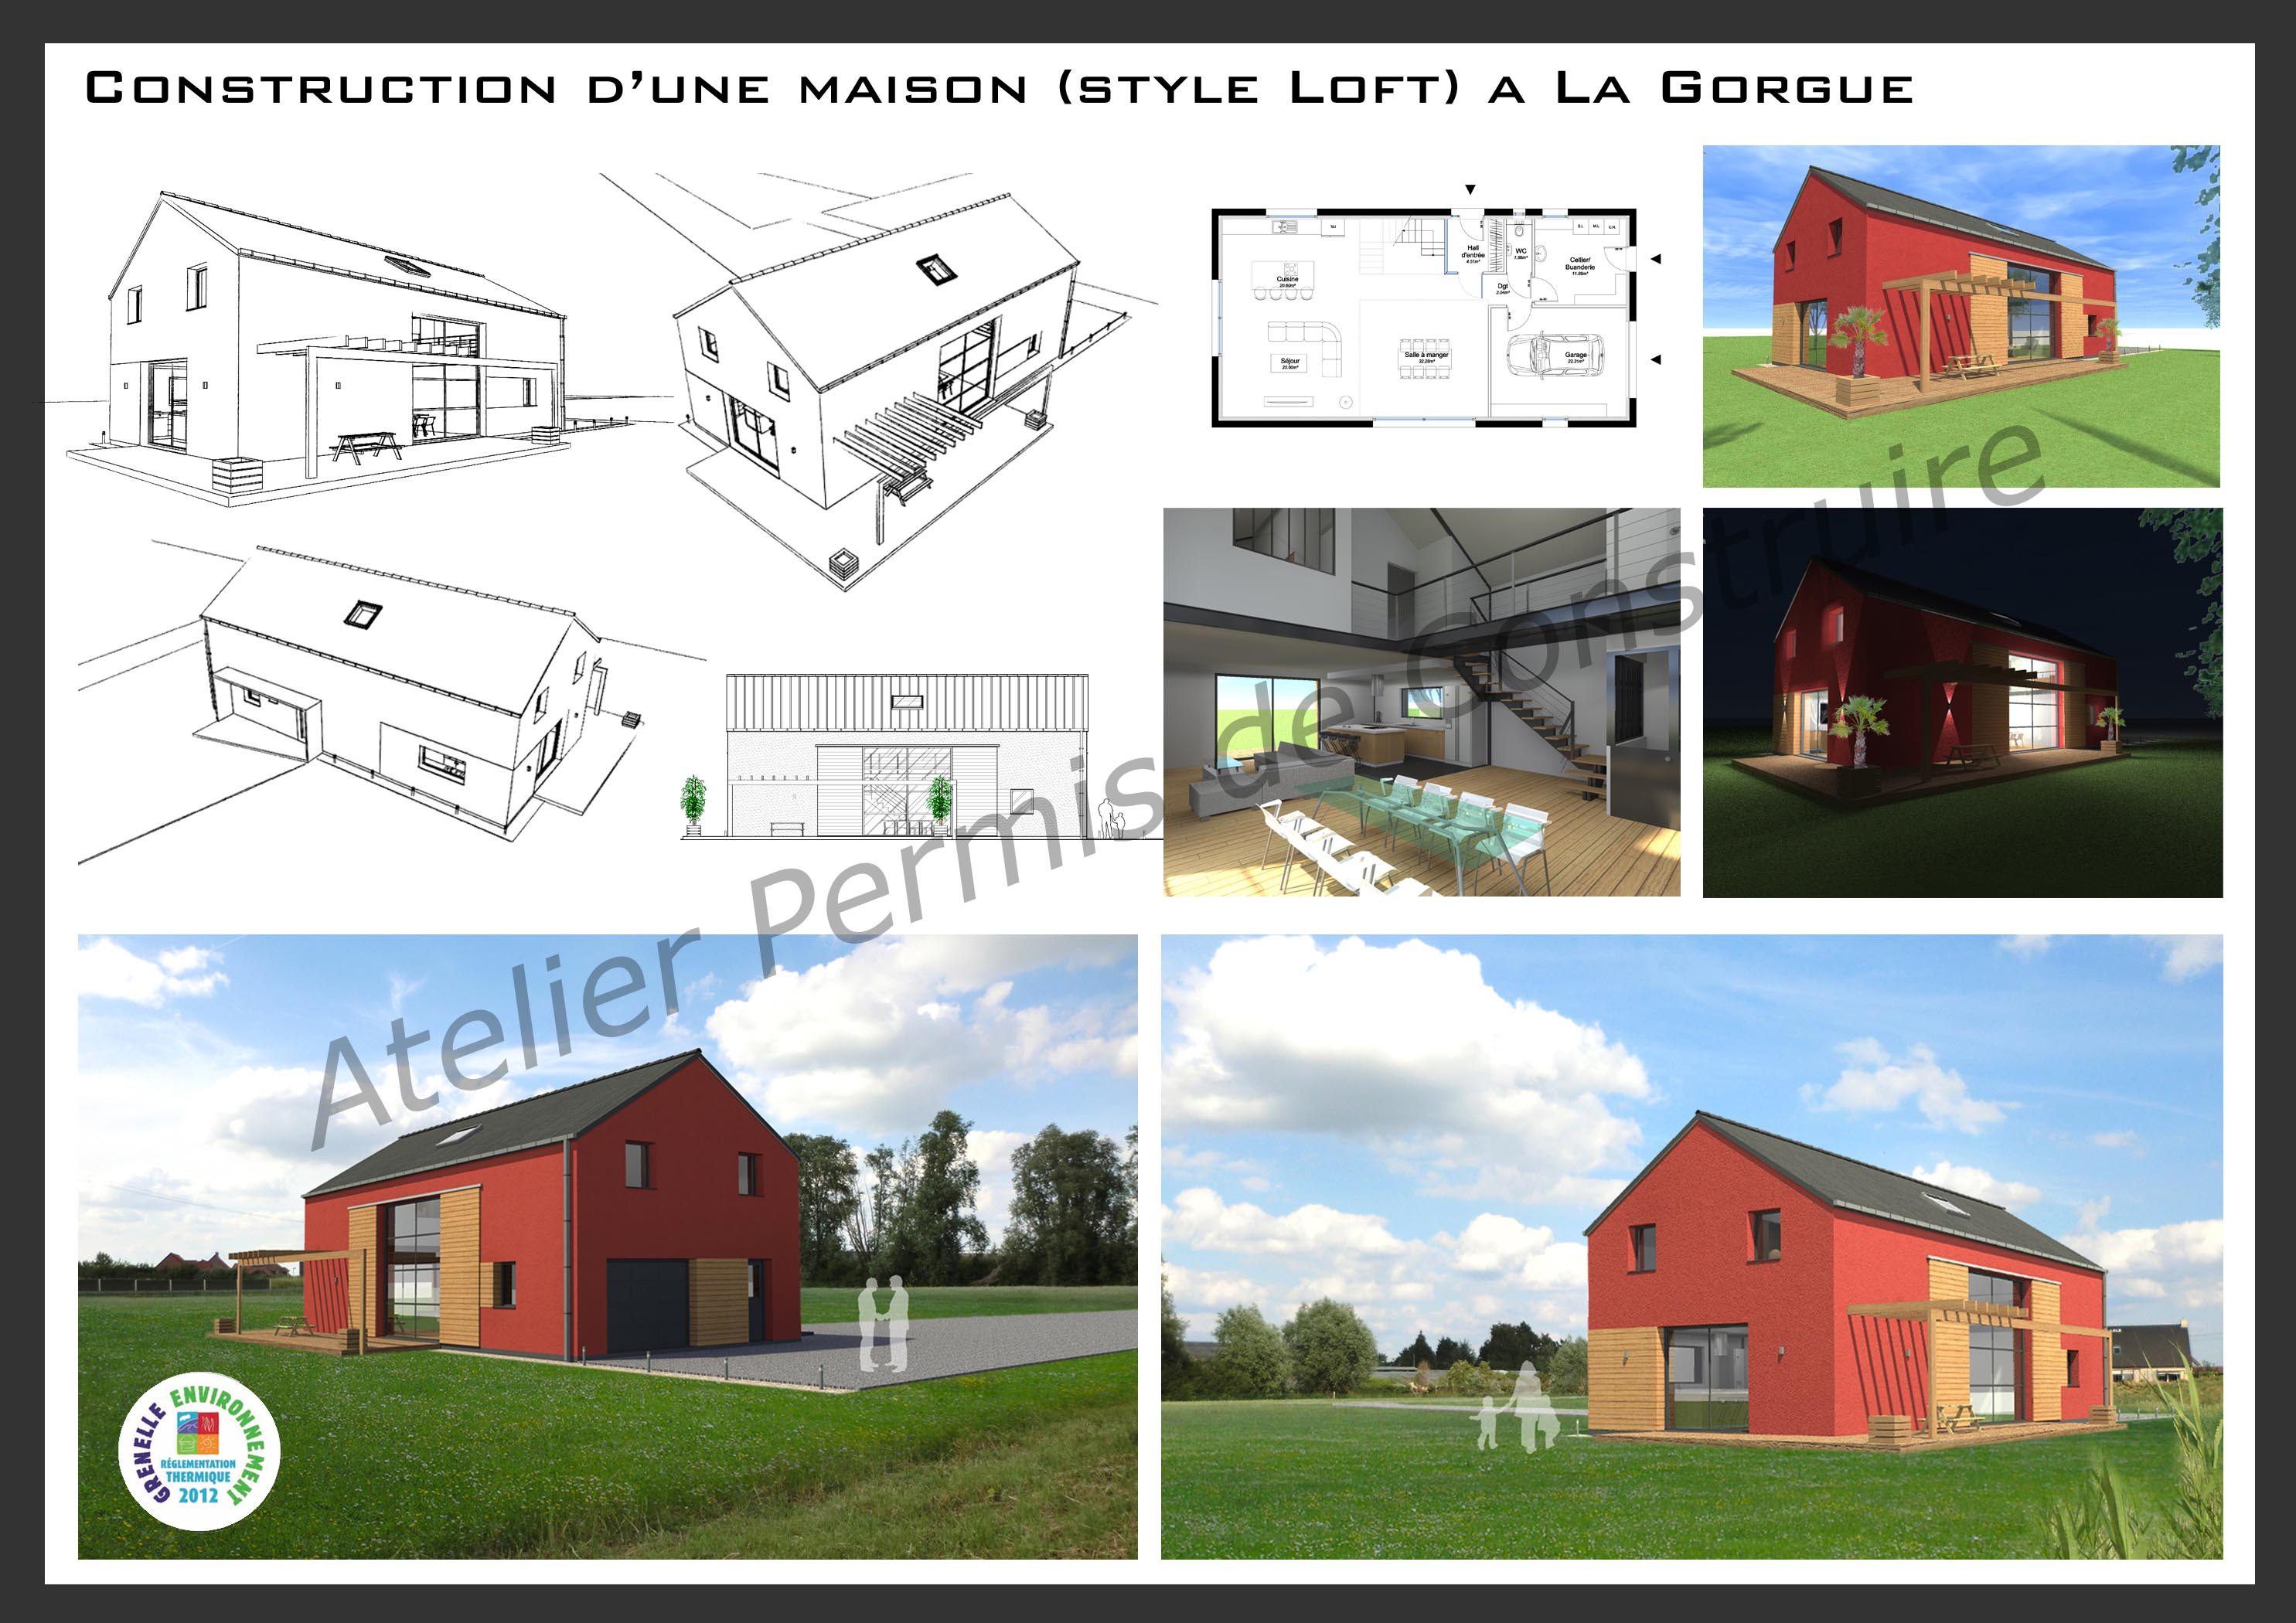 15.08 Atelier Permis de construire construction maison Loft La Gorgue